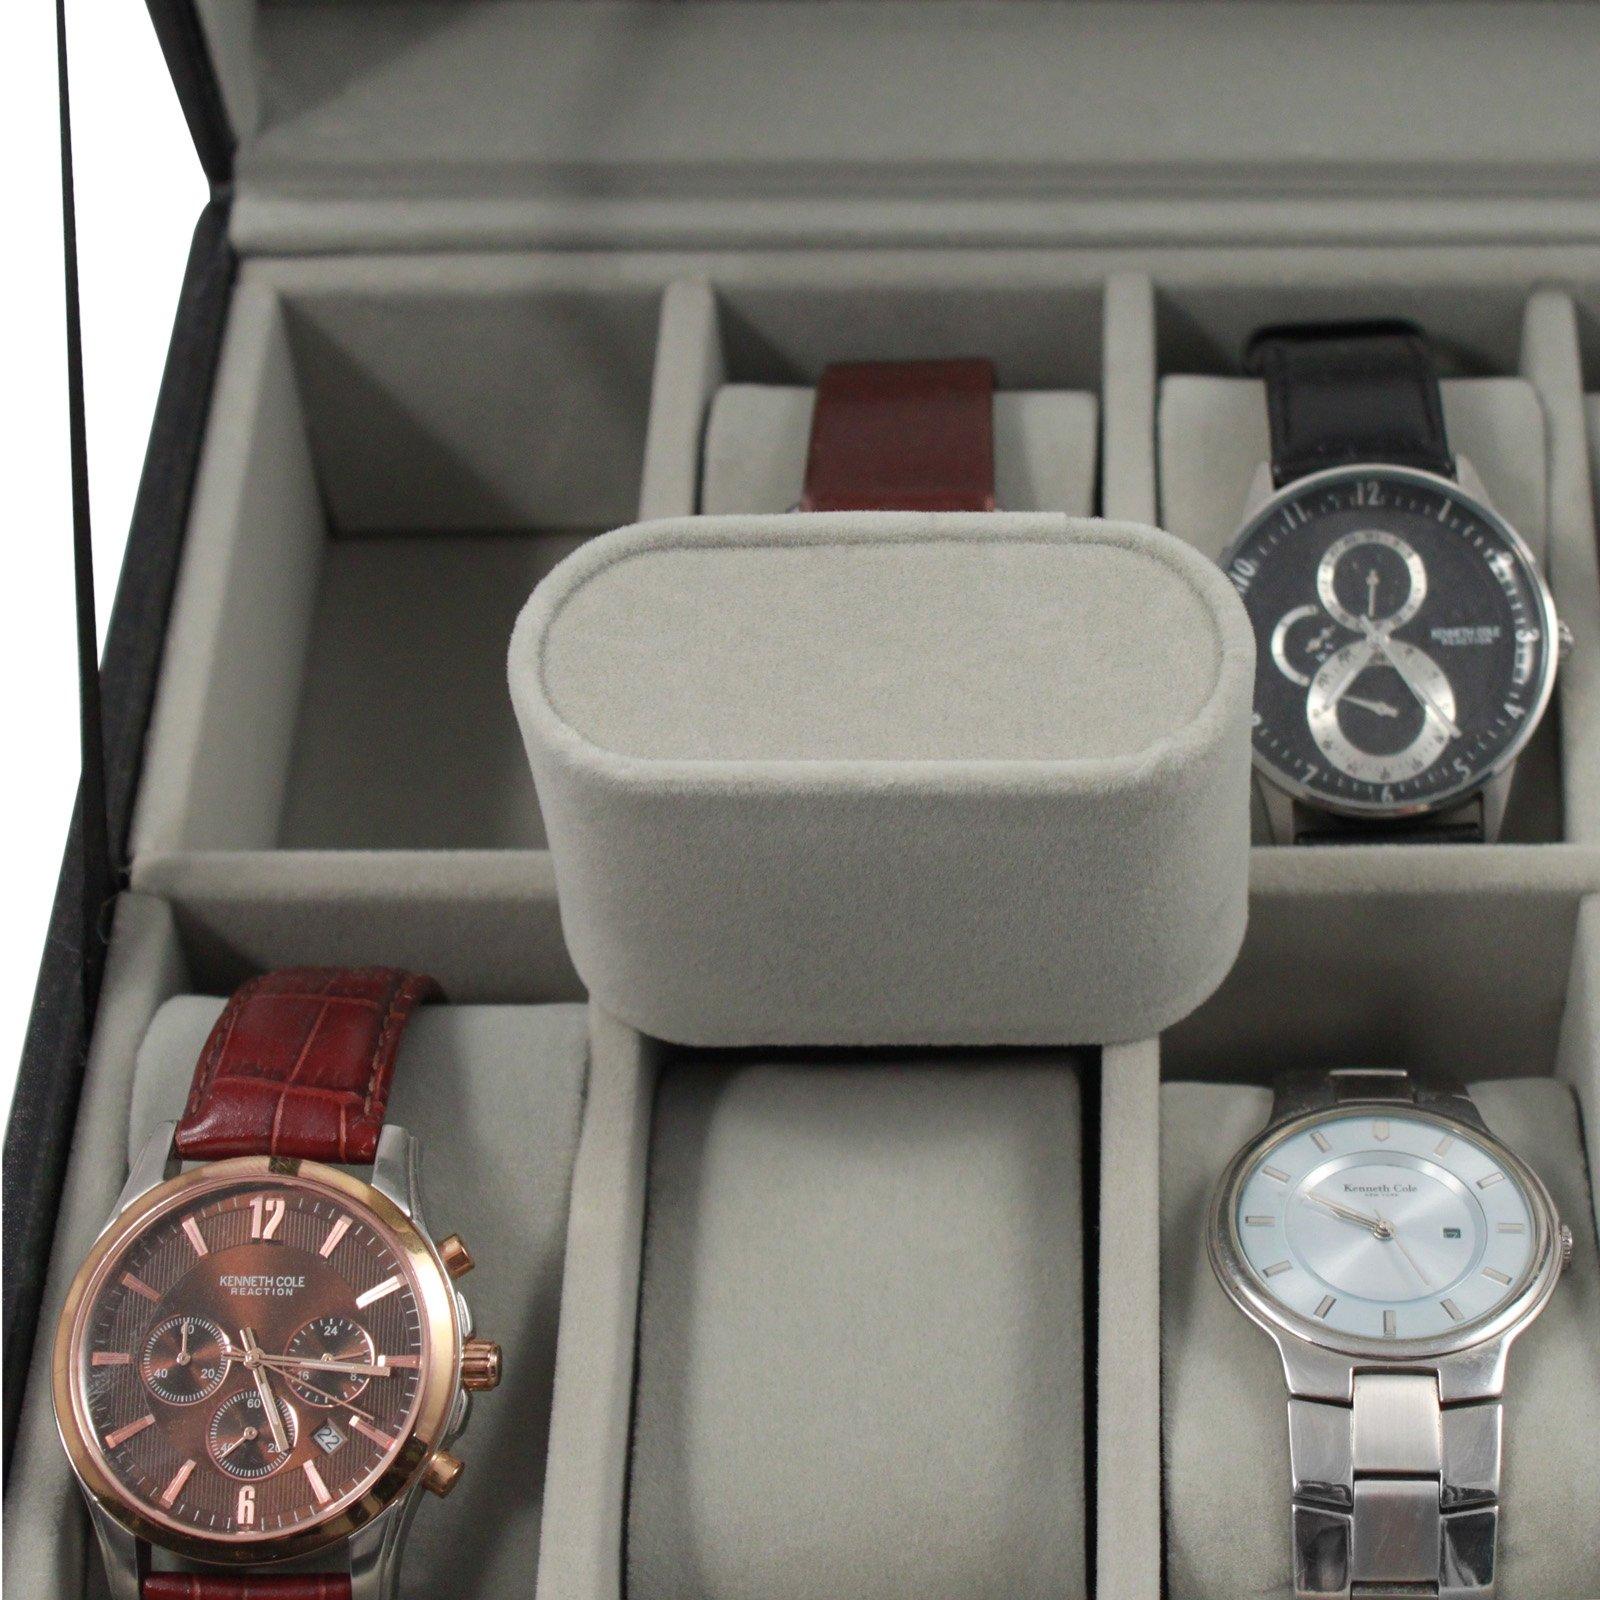 Home Essentials Deluxe 12 Watch Glass Top Locking Storage Case